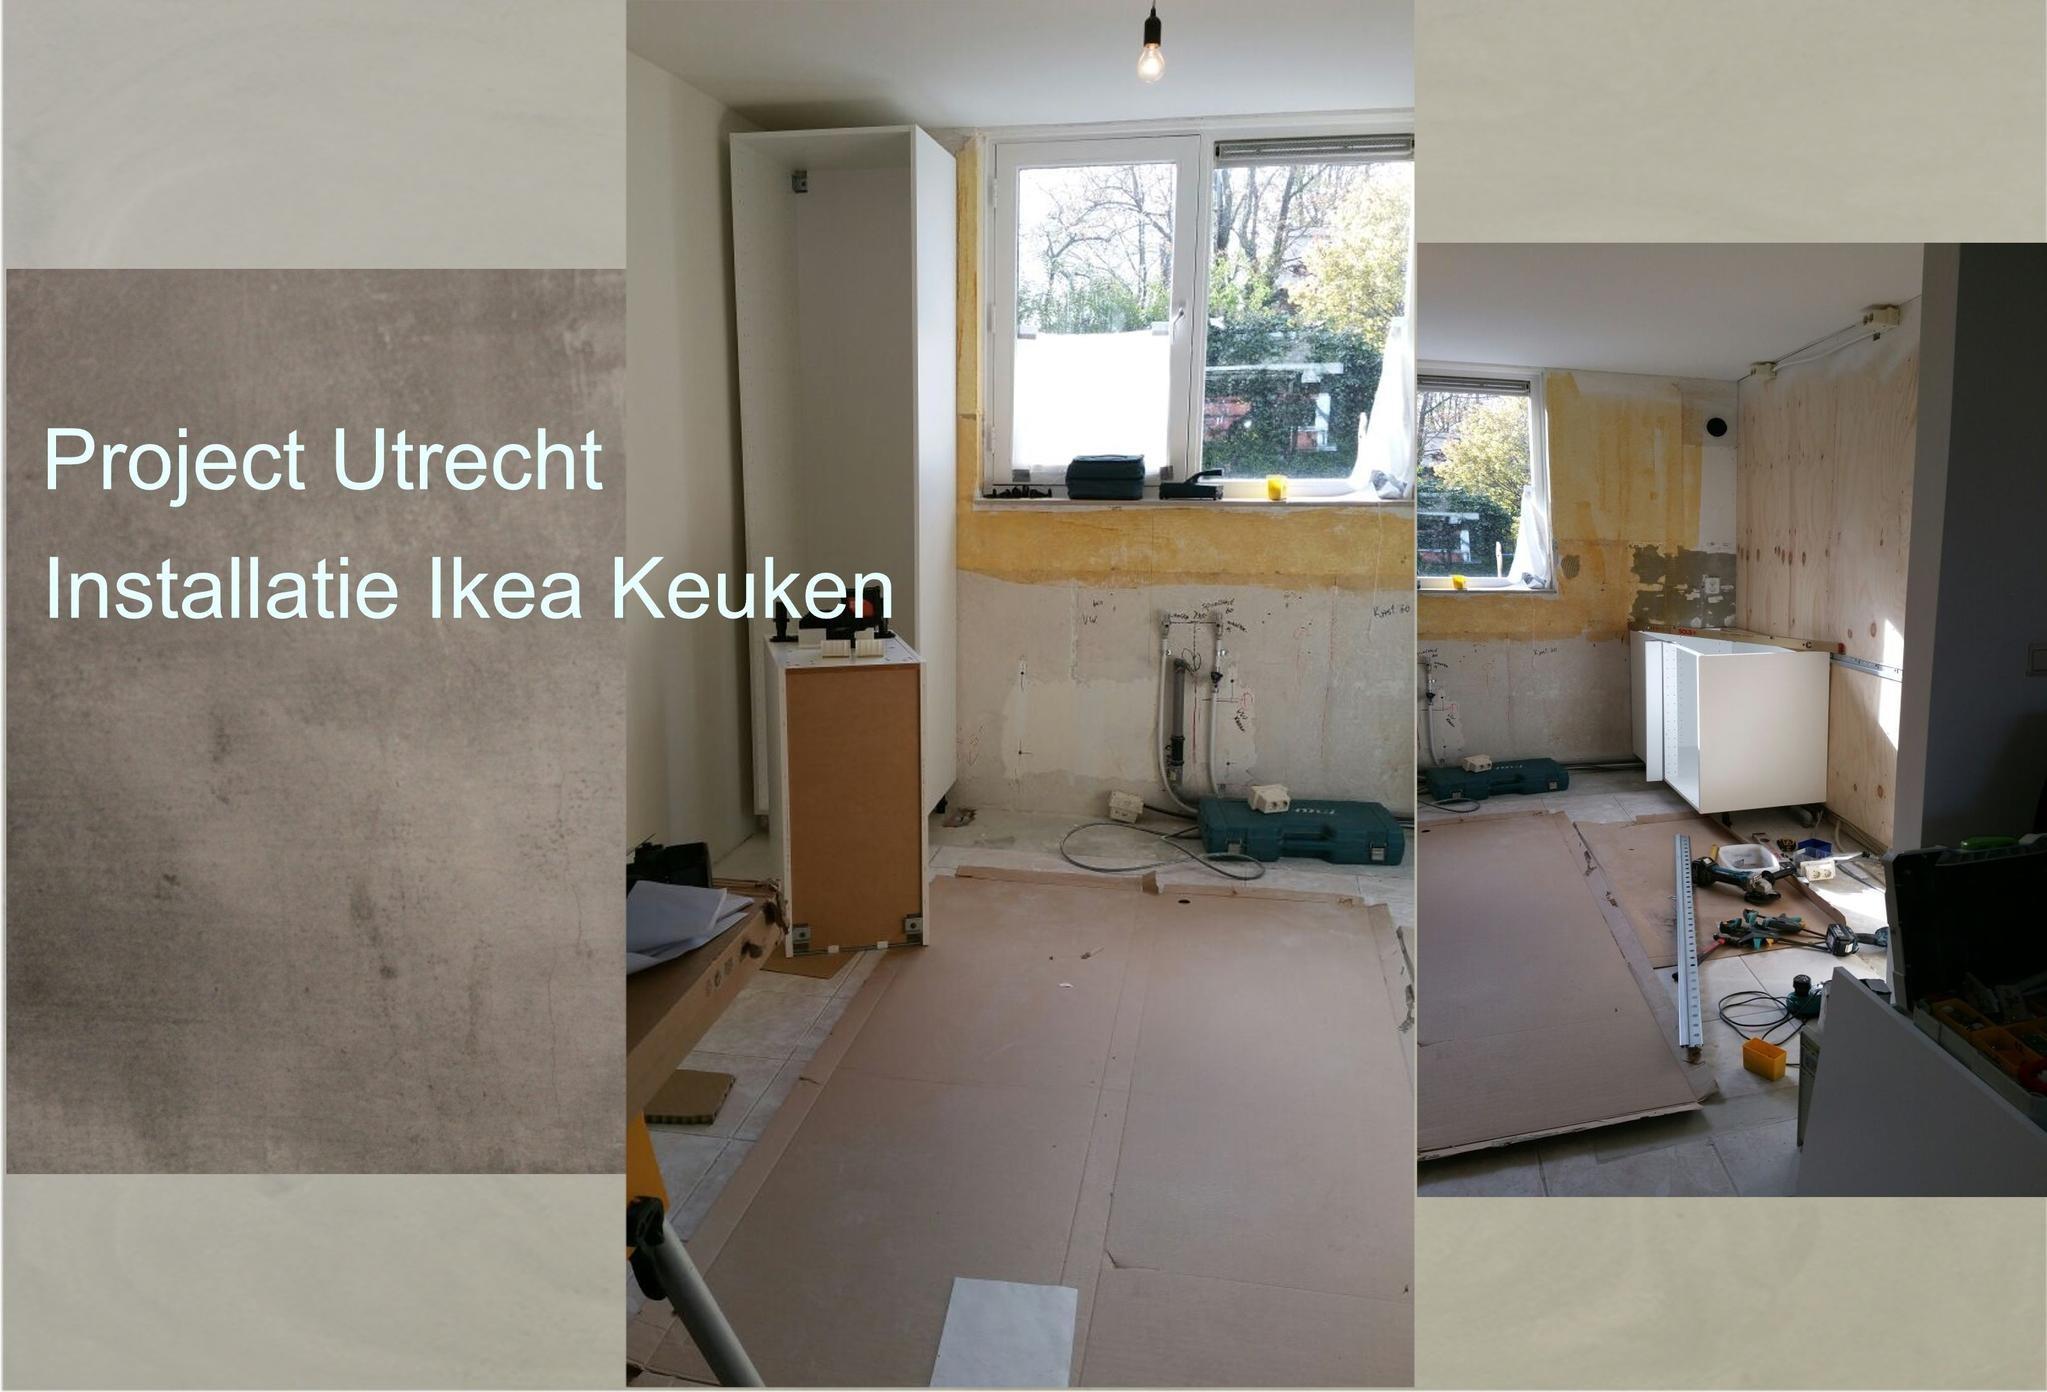 Ikea Keuken Installeren : Ikea keuken montage service u2013 informatie over de keuken